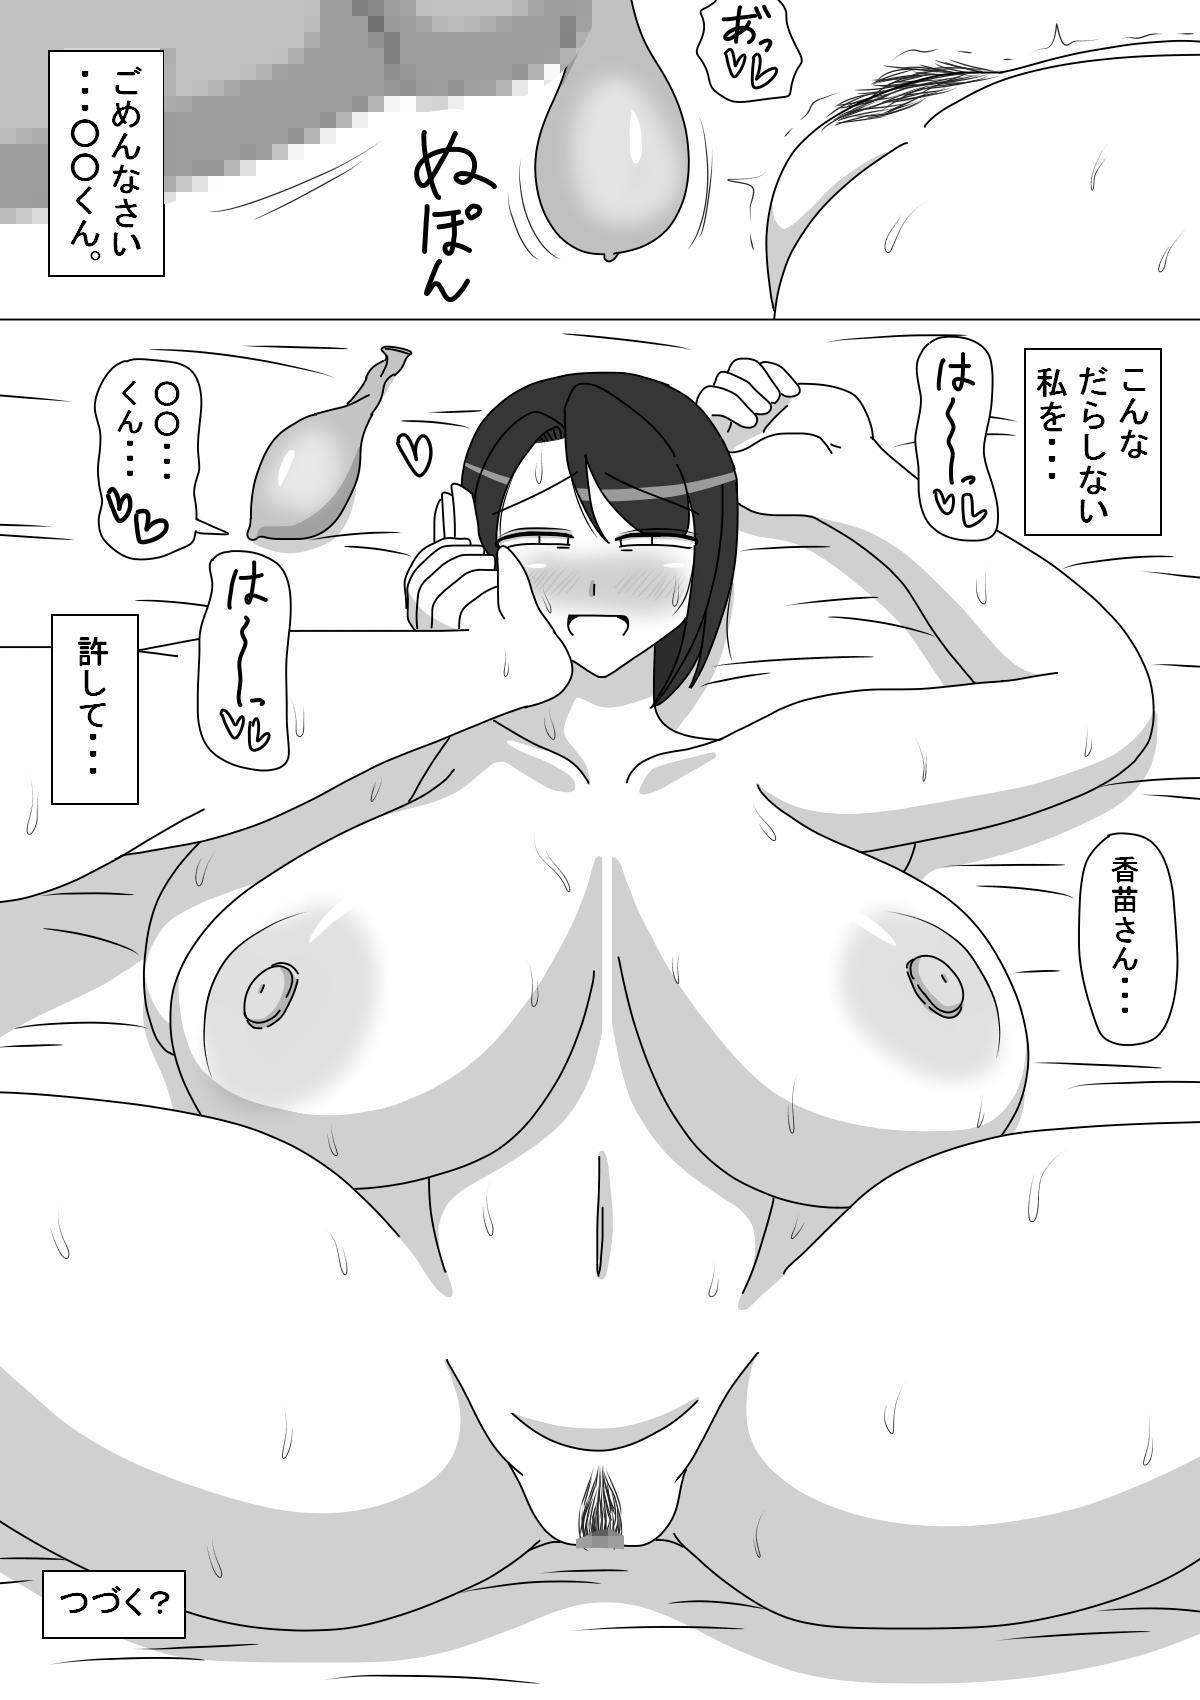 Kanae-san 29